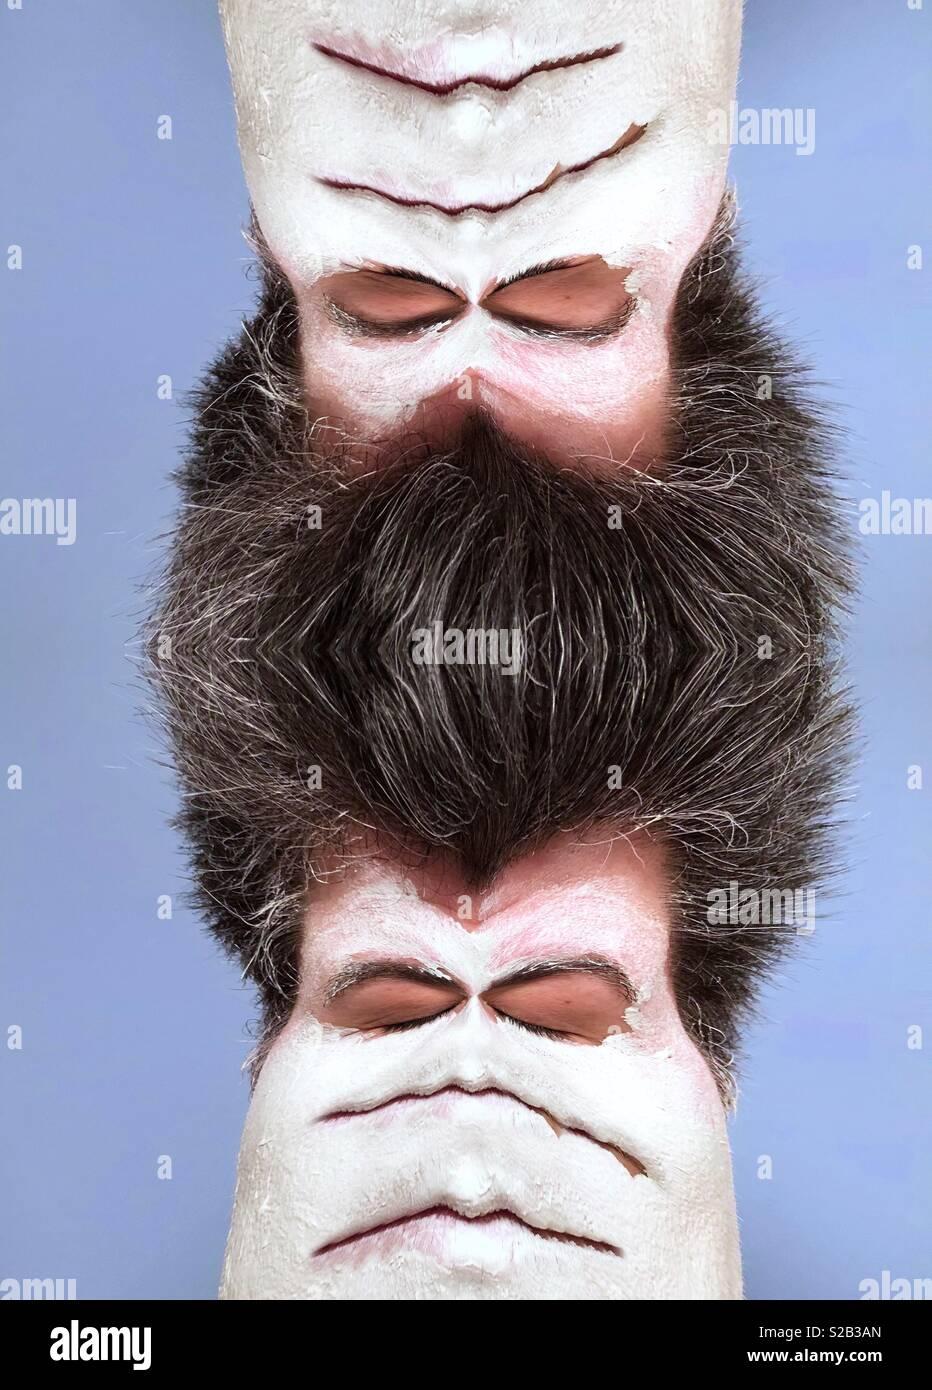 Un immagine astratta di una donna che indossa un bianco maschera di fango con gli occhi chiusi e più bocche e capelli scuri specchiato per creare uno strano straniero Immagini Stock